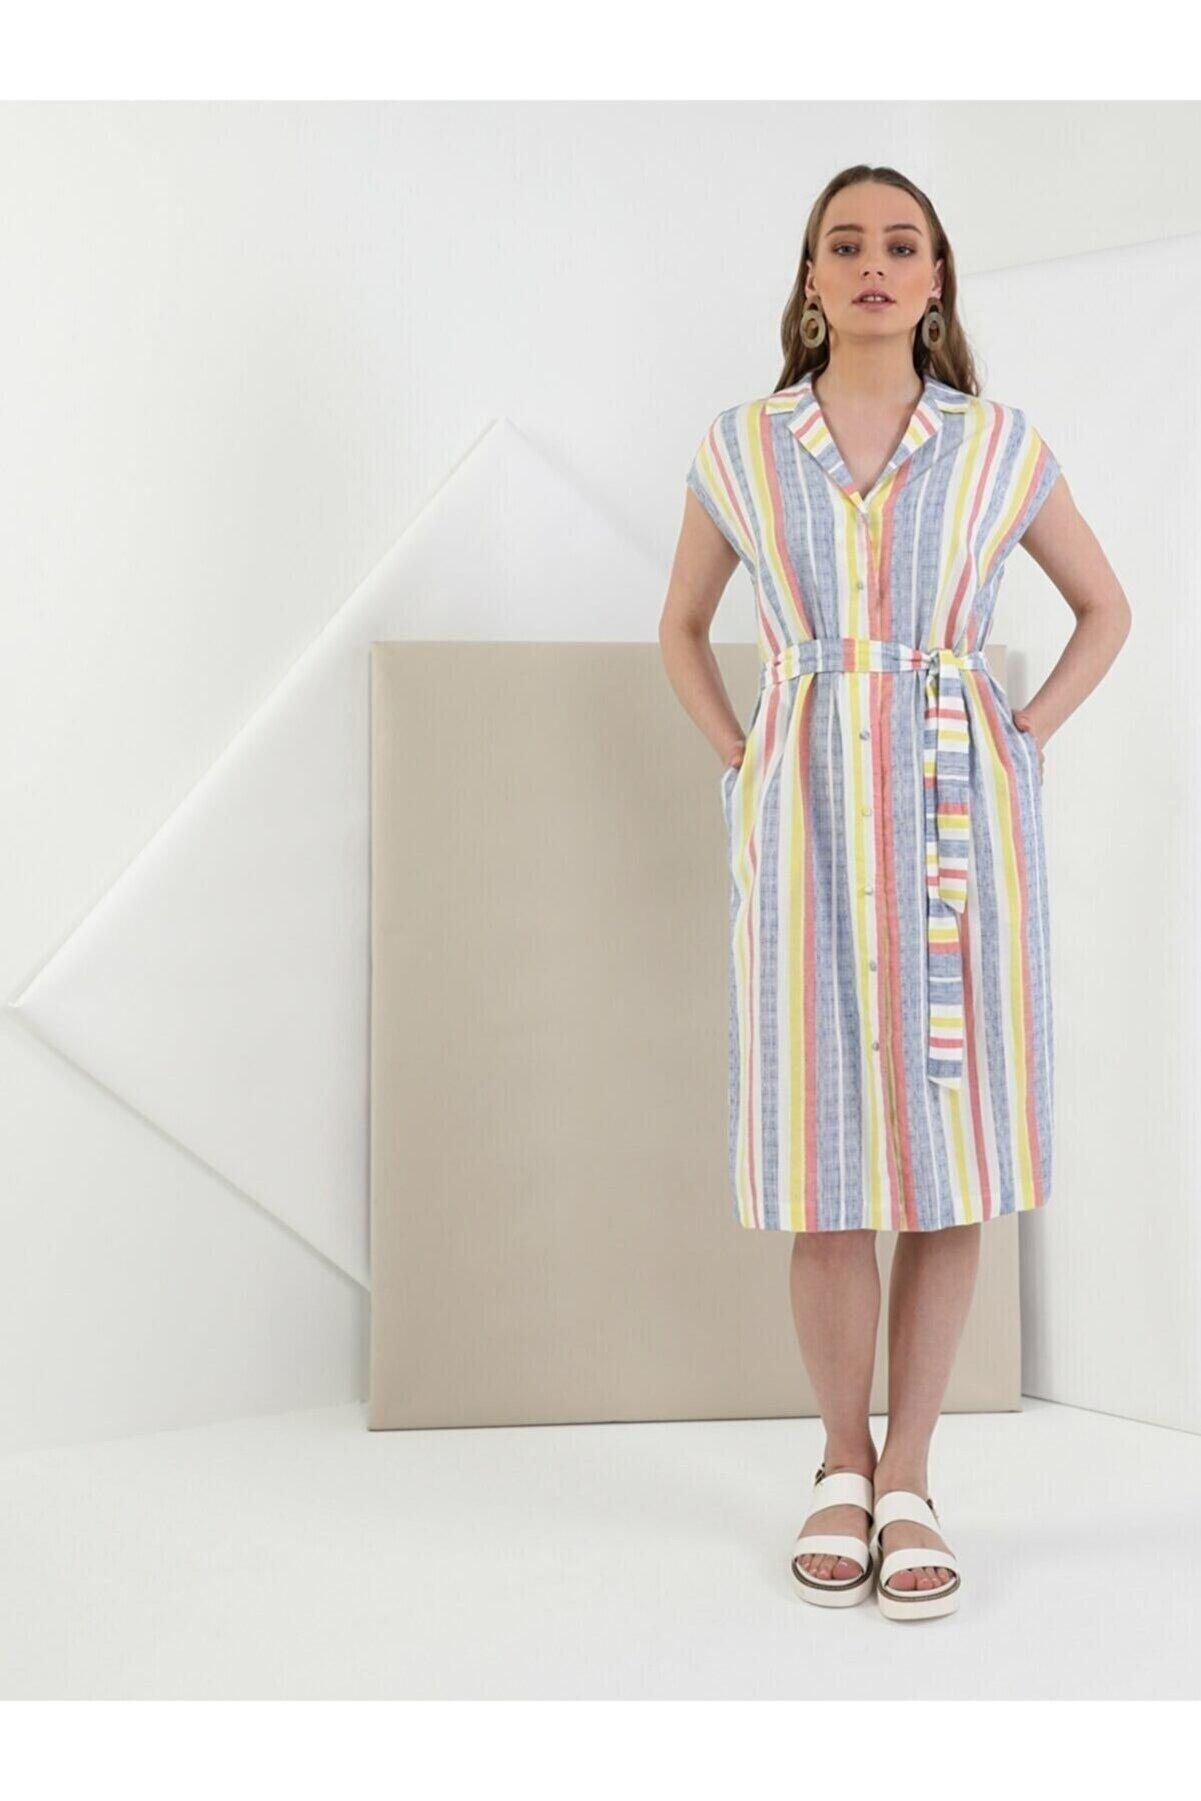 Colin's Regular Fit Kadın Çok Renkli Elbise